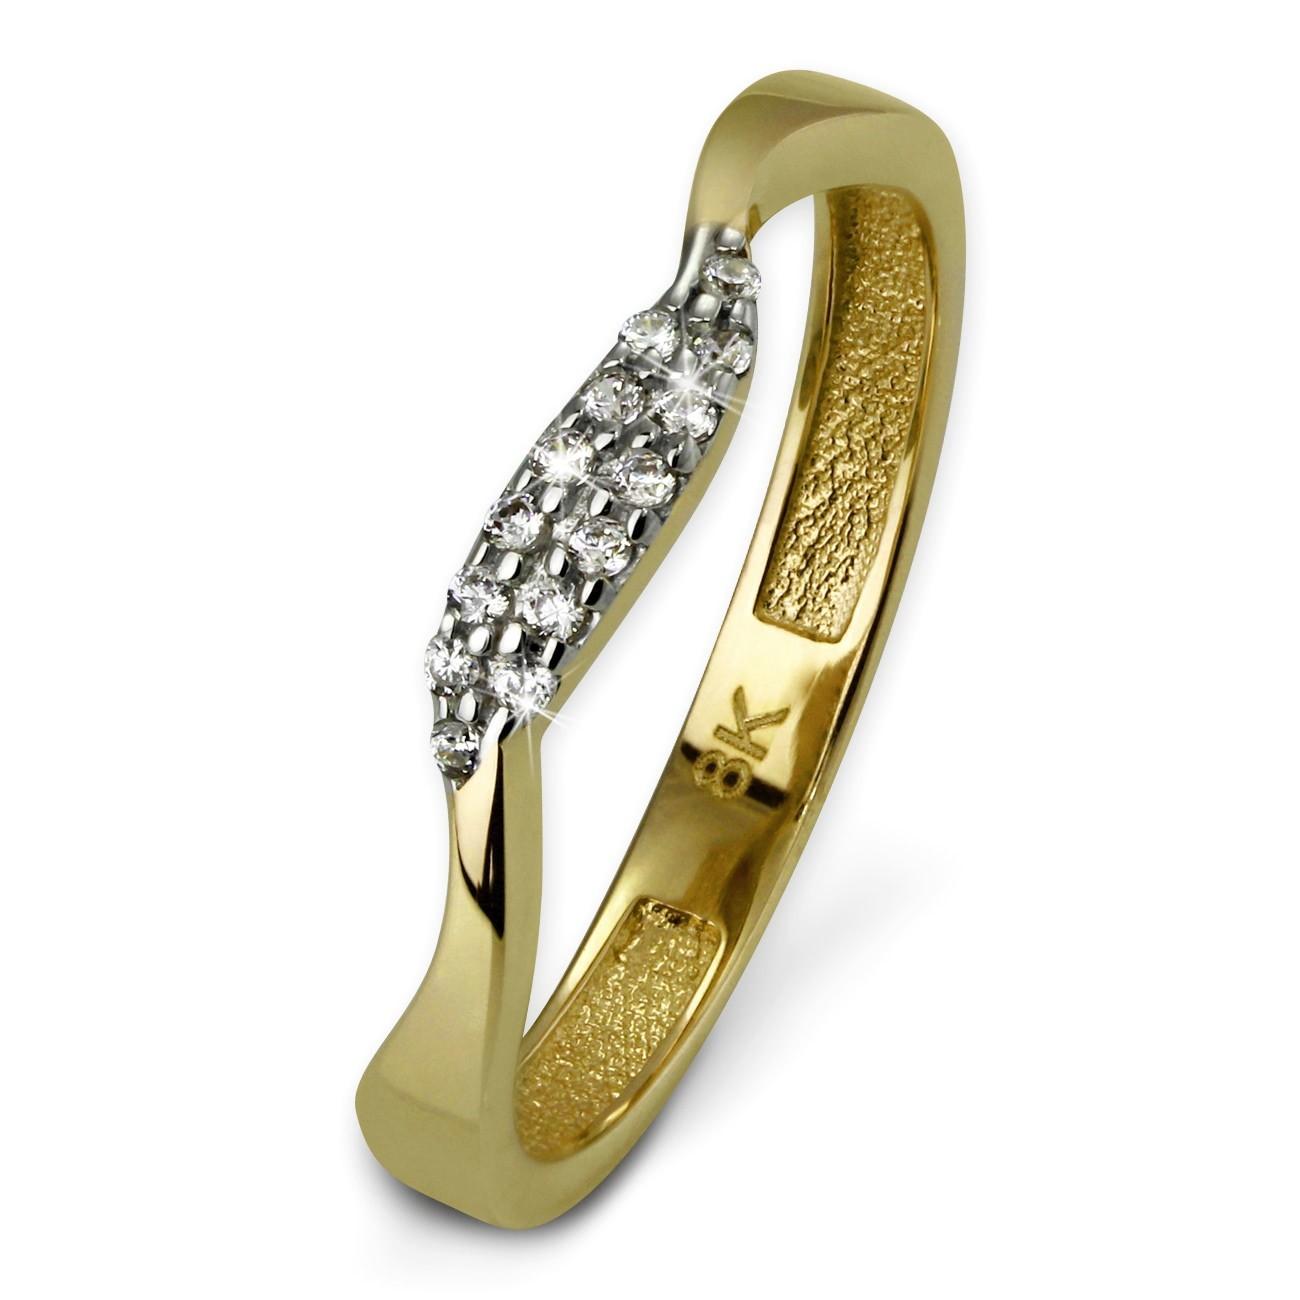 SilberDream Gold Ring Welle Zirkonia weiß Gr.60 333er Gelbgold GDR501Y60